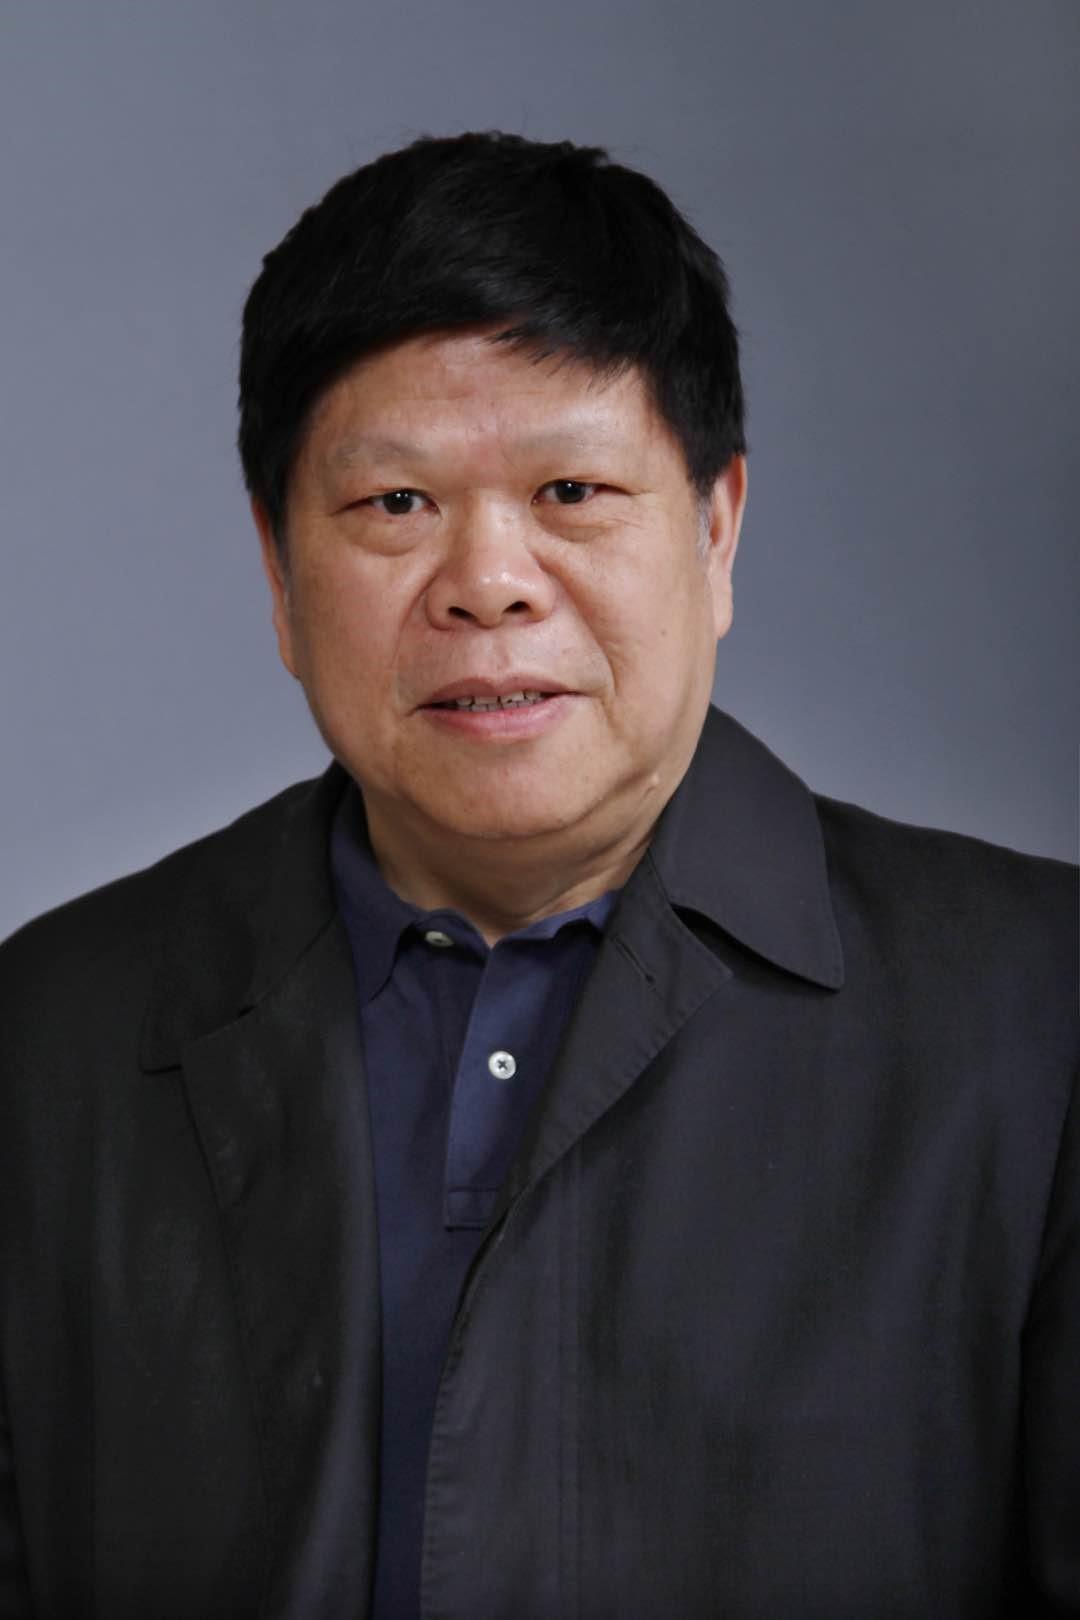 北京邮电大学经济管理学院学术委员会主席、博导曾剑秋教授